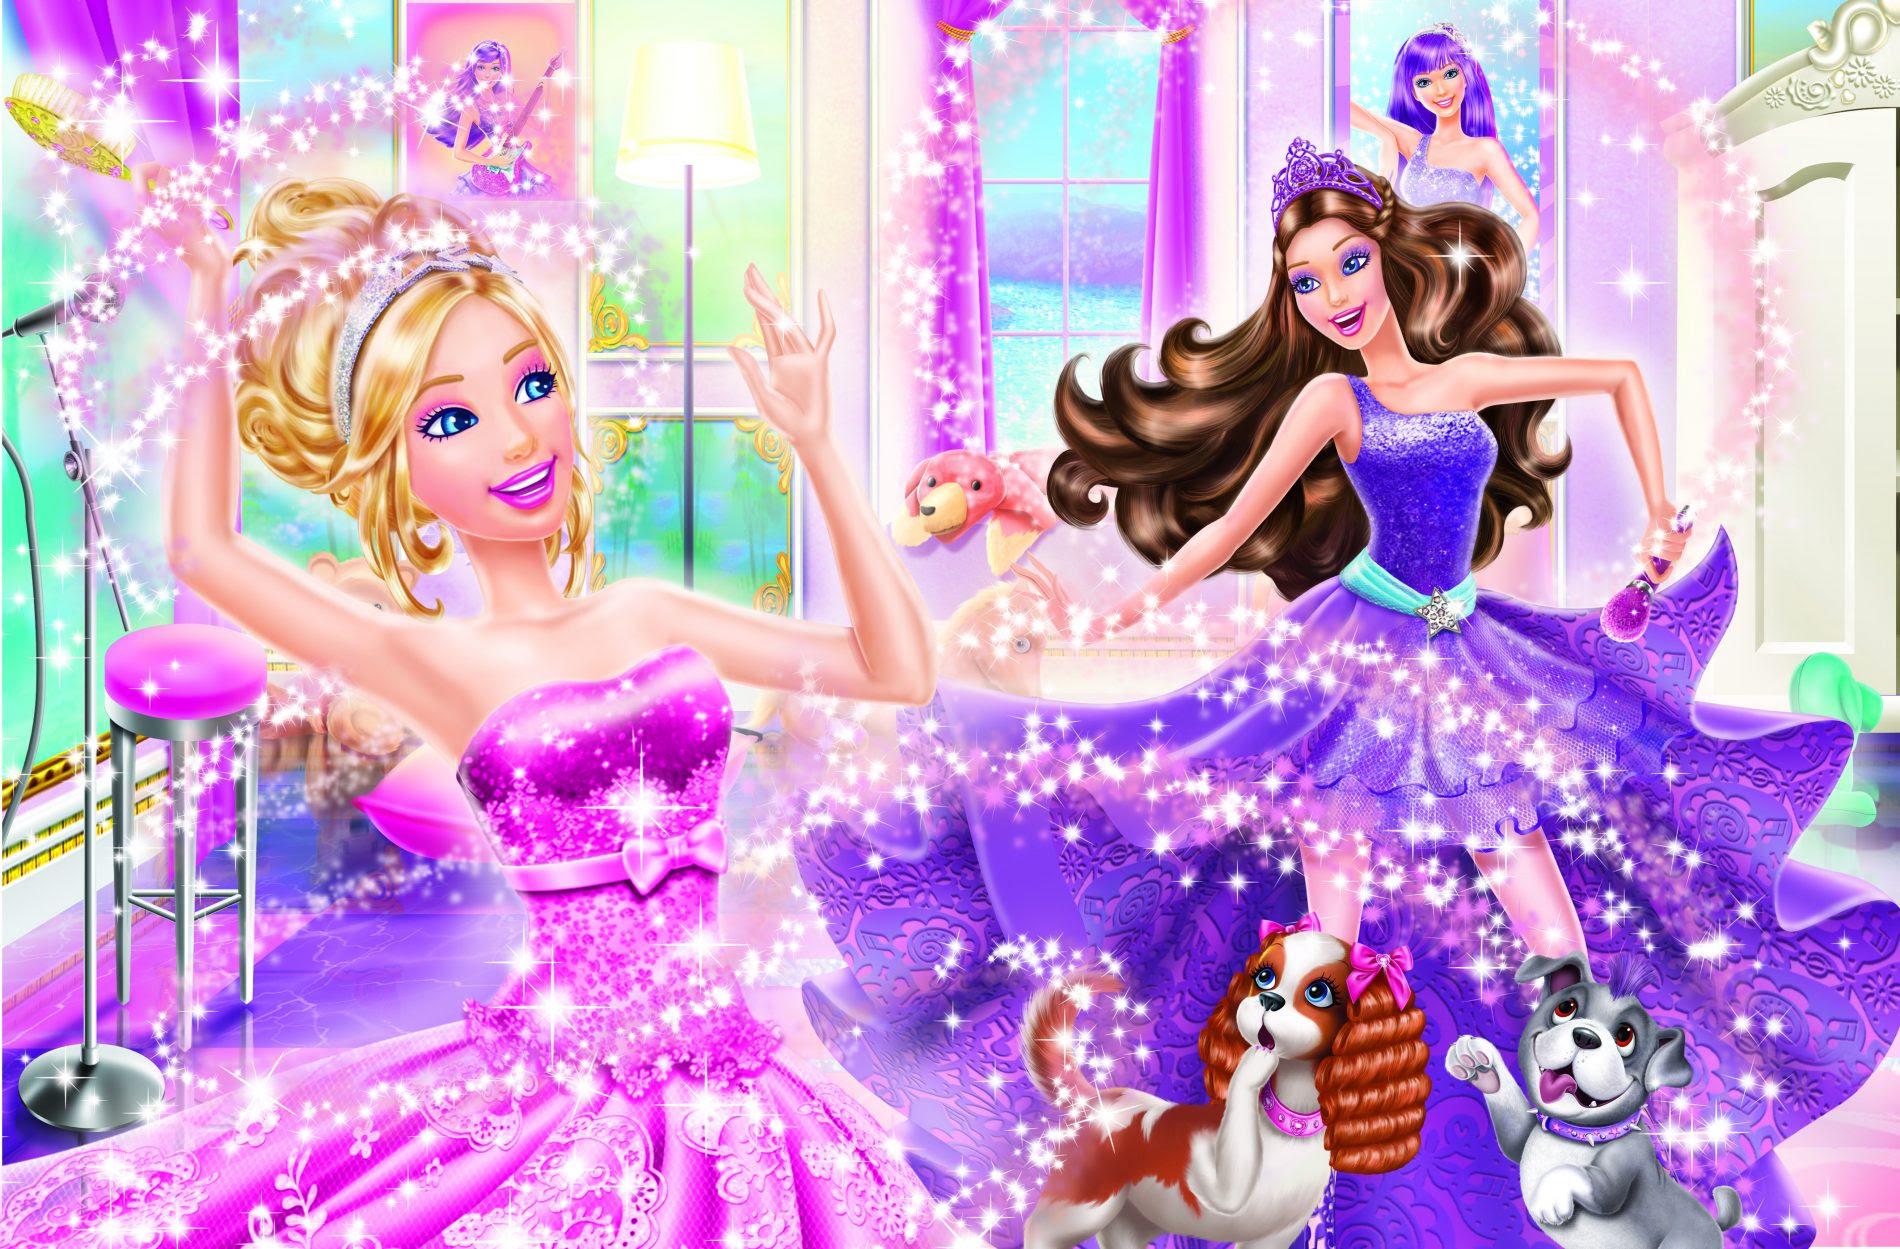 barbie prinzessin und popstar stream